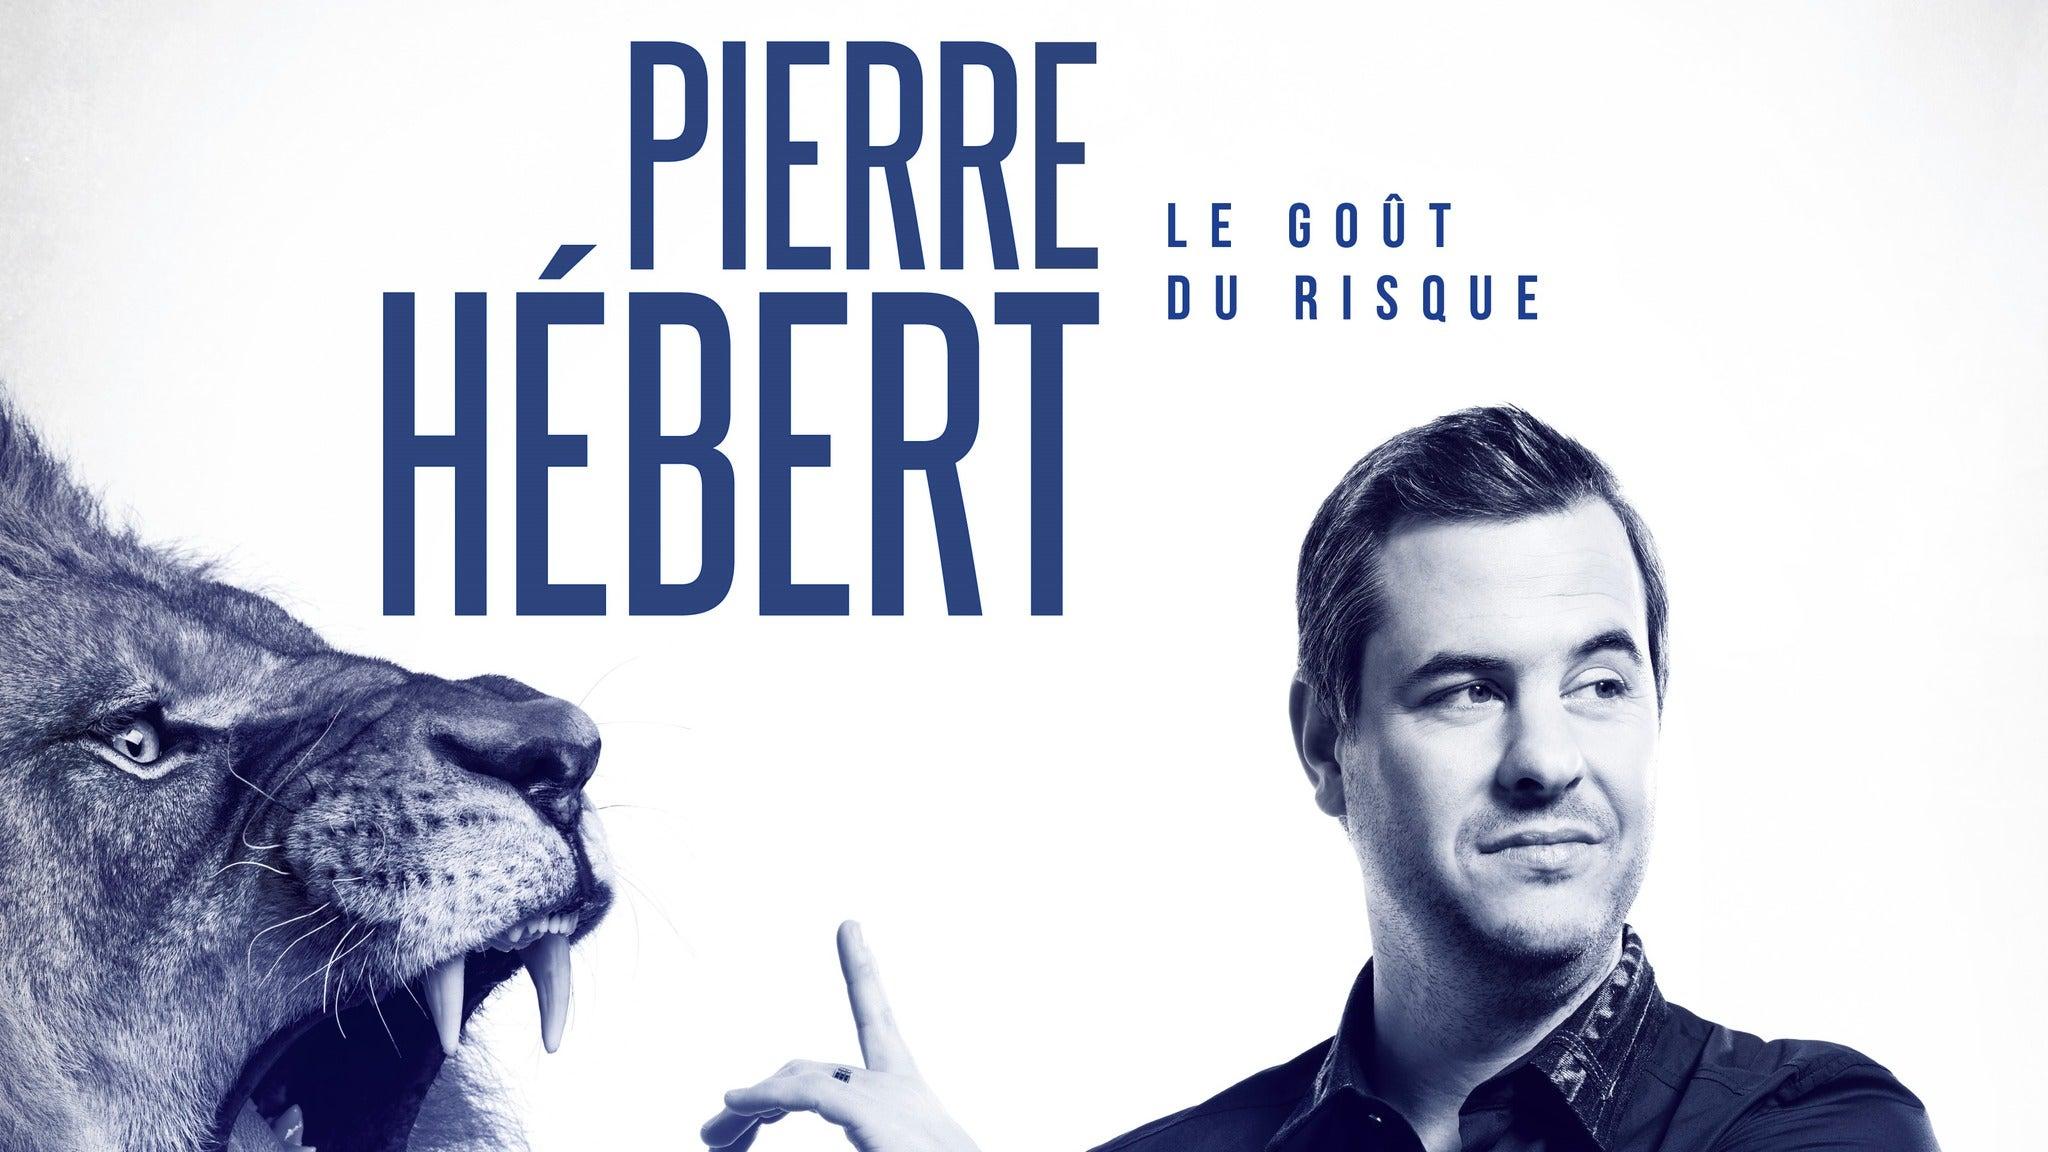 Pierre Hébert